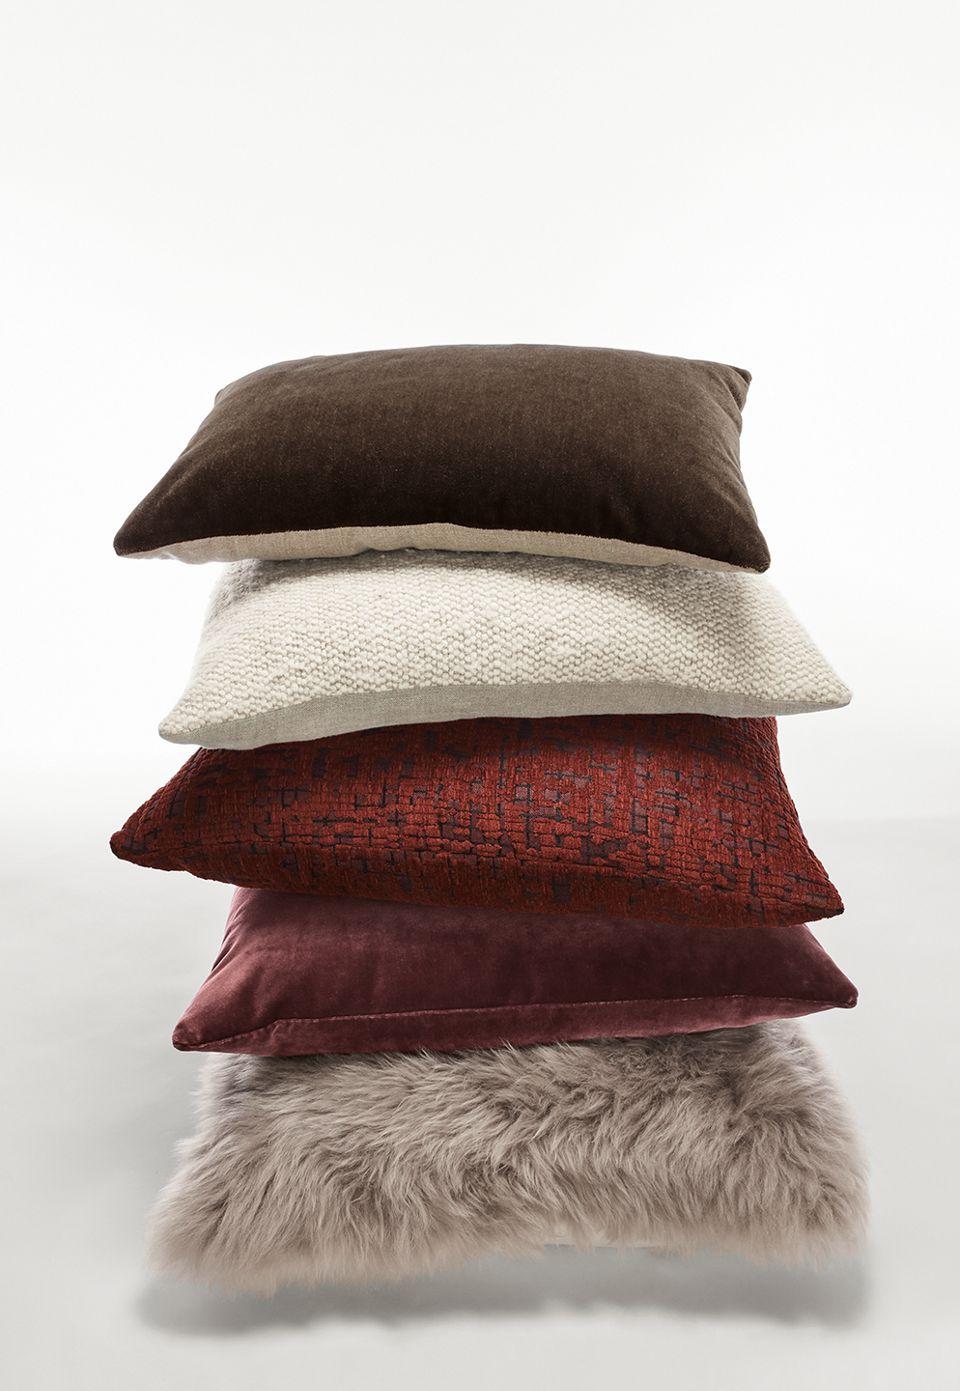 Detail of Mohair throw pillow